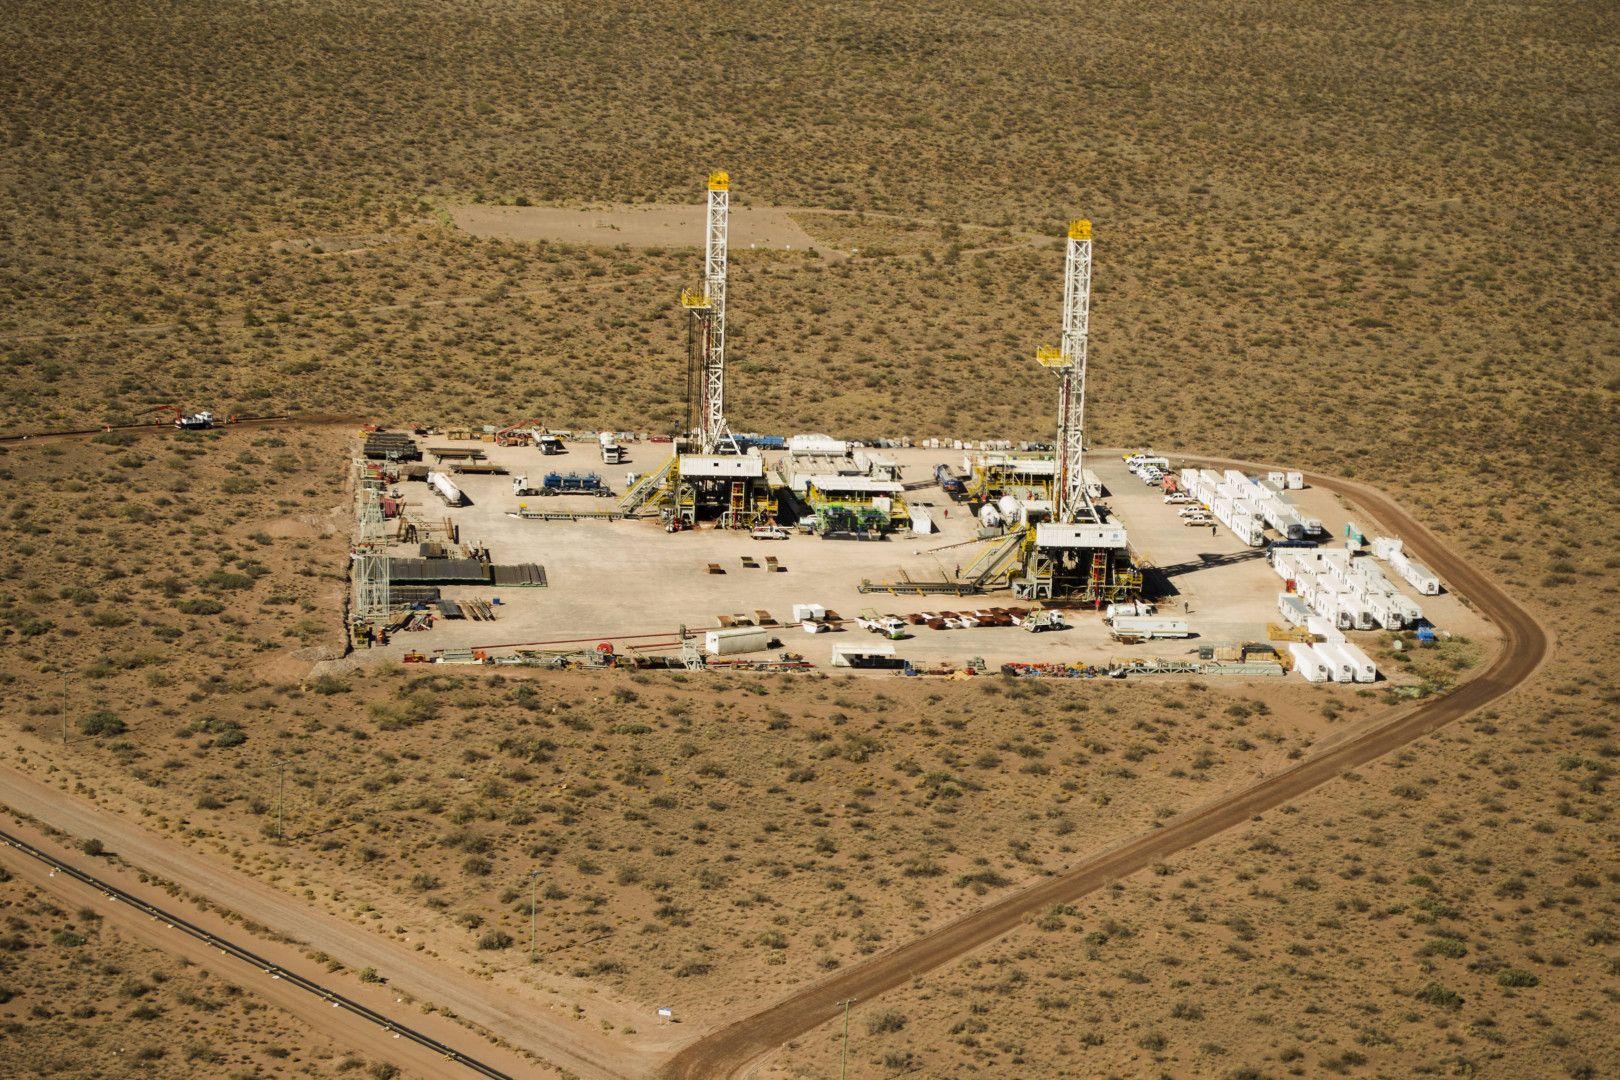 Vista Oil & Gas obtuvo unos 650 millones de dólares, que utilizó para comprar diversos activos petroleros en México y sobre todo en la Argentina.